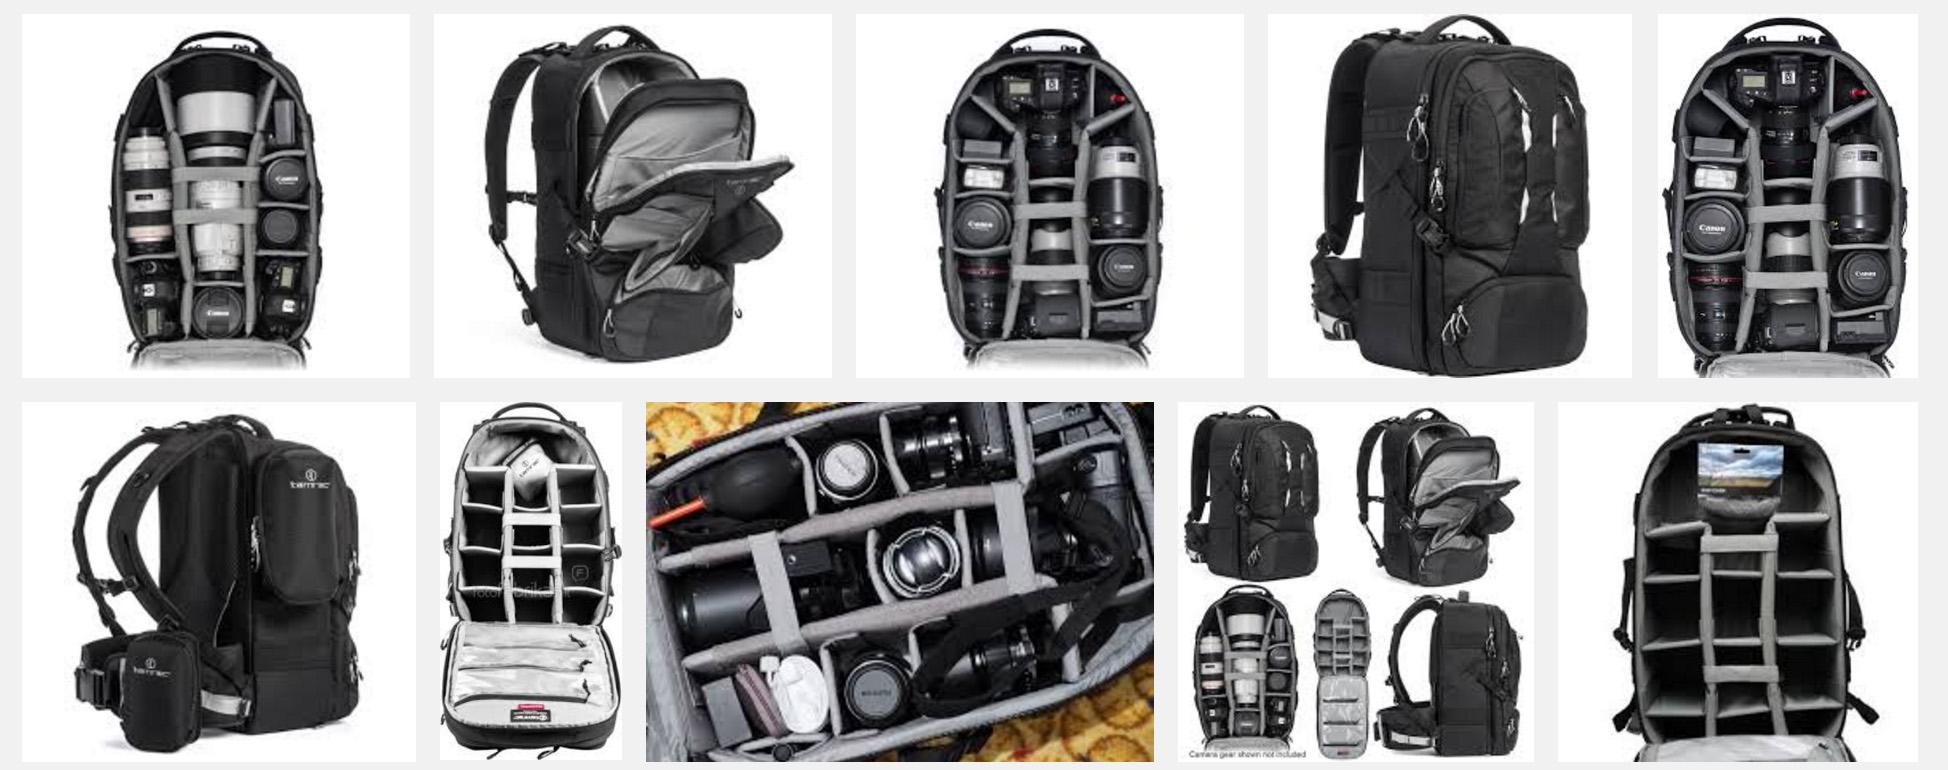 Recenze fotobatohu Tamrac Anvil 27: aneb když potřebujete všechnu fotovýbavu dostat na expedici